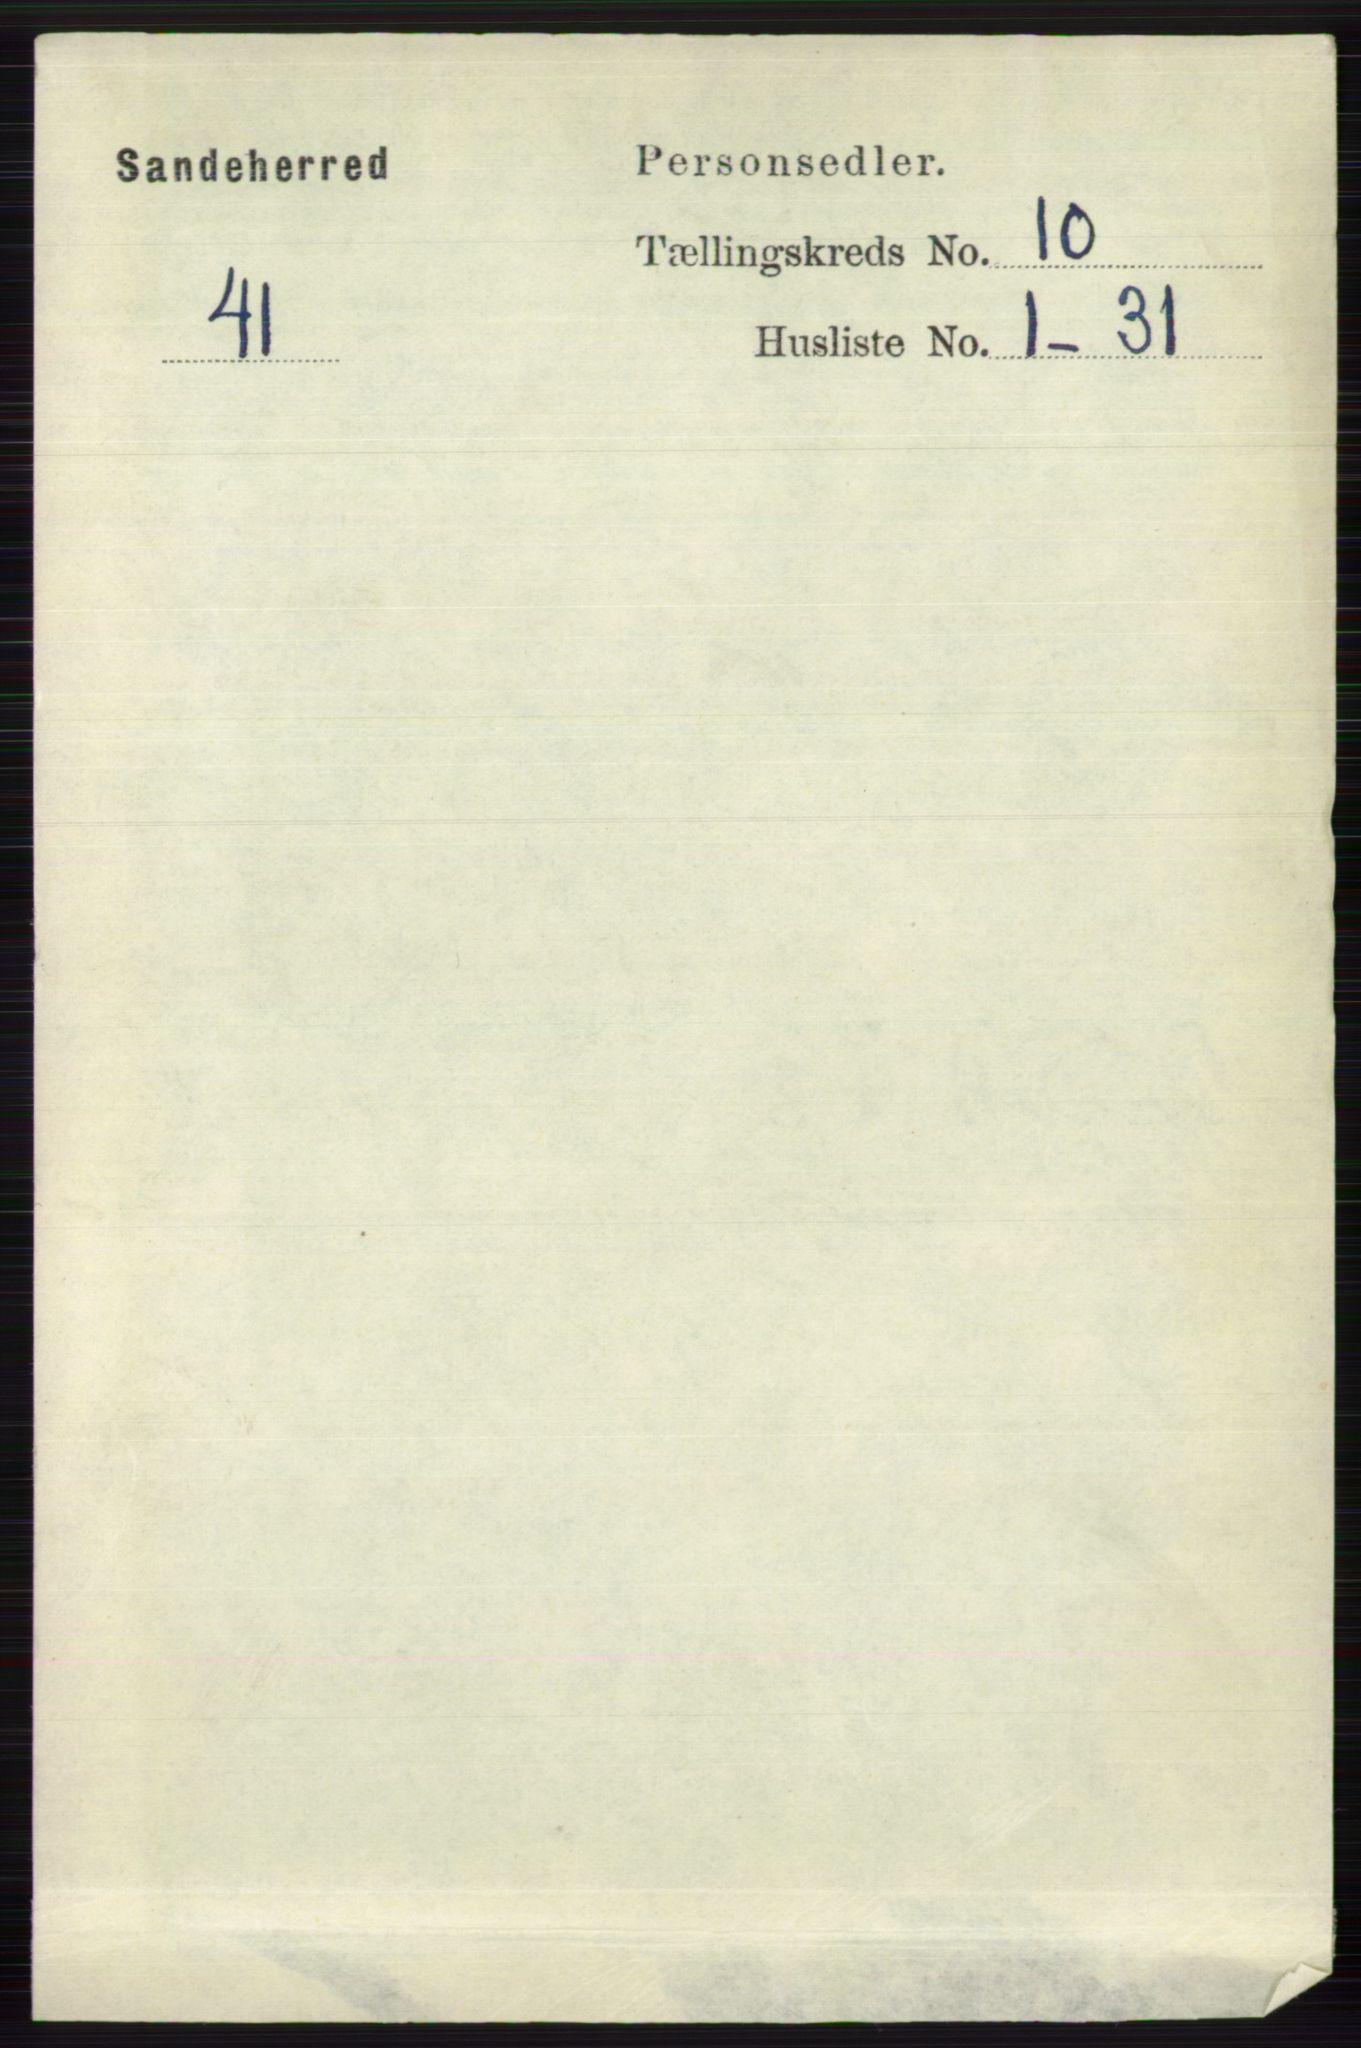 RA, Folketelling 1891 for 0724 Sandeherred herred, 1891, s. 6198